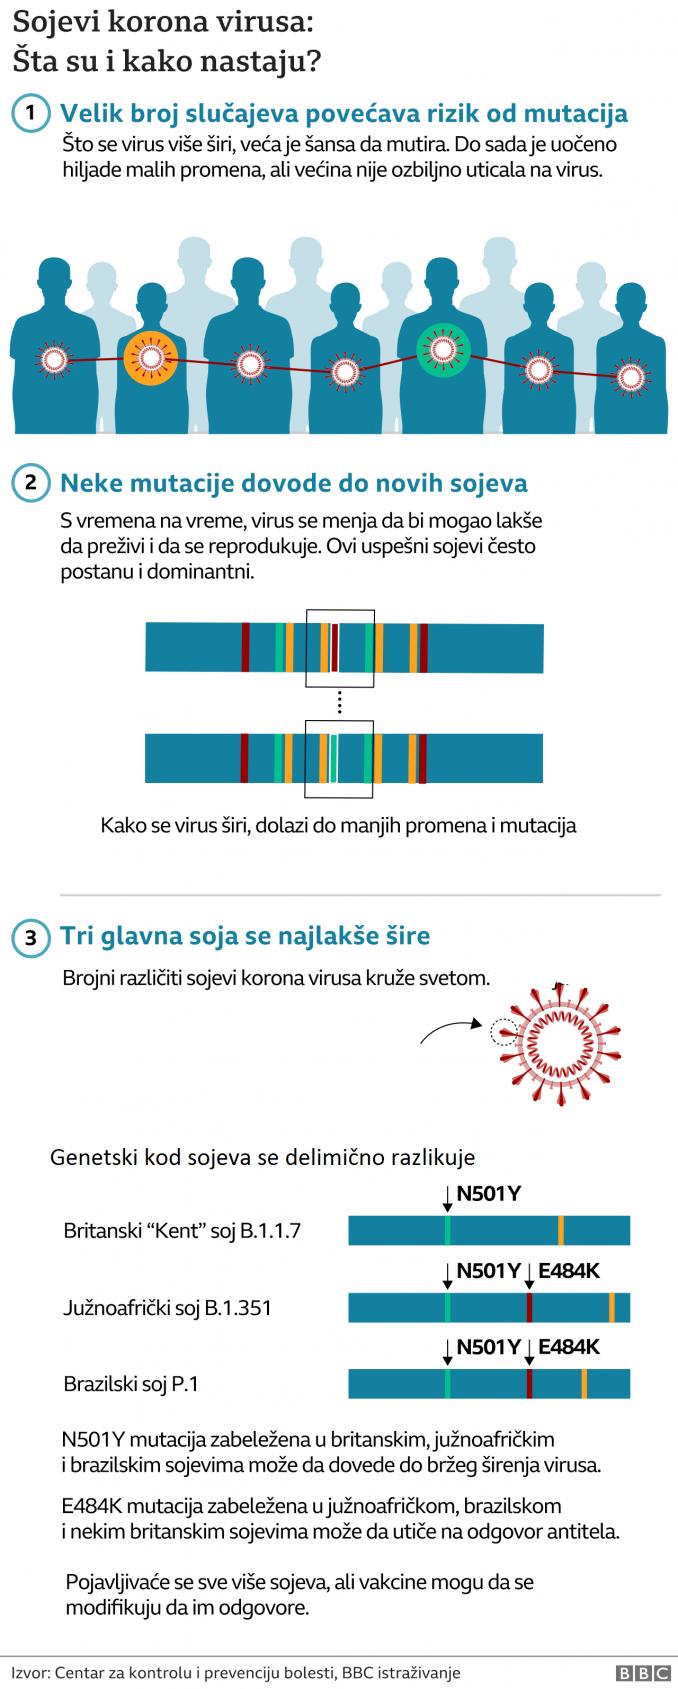 Korona virus: Još 24 preminulih u Srbiji, SZO odobrila vakcinu Džonson i Džonson 4